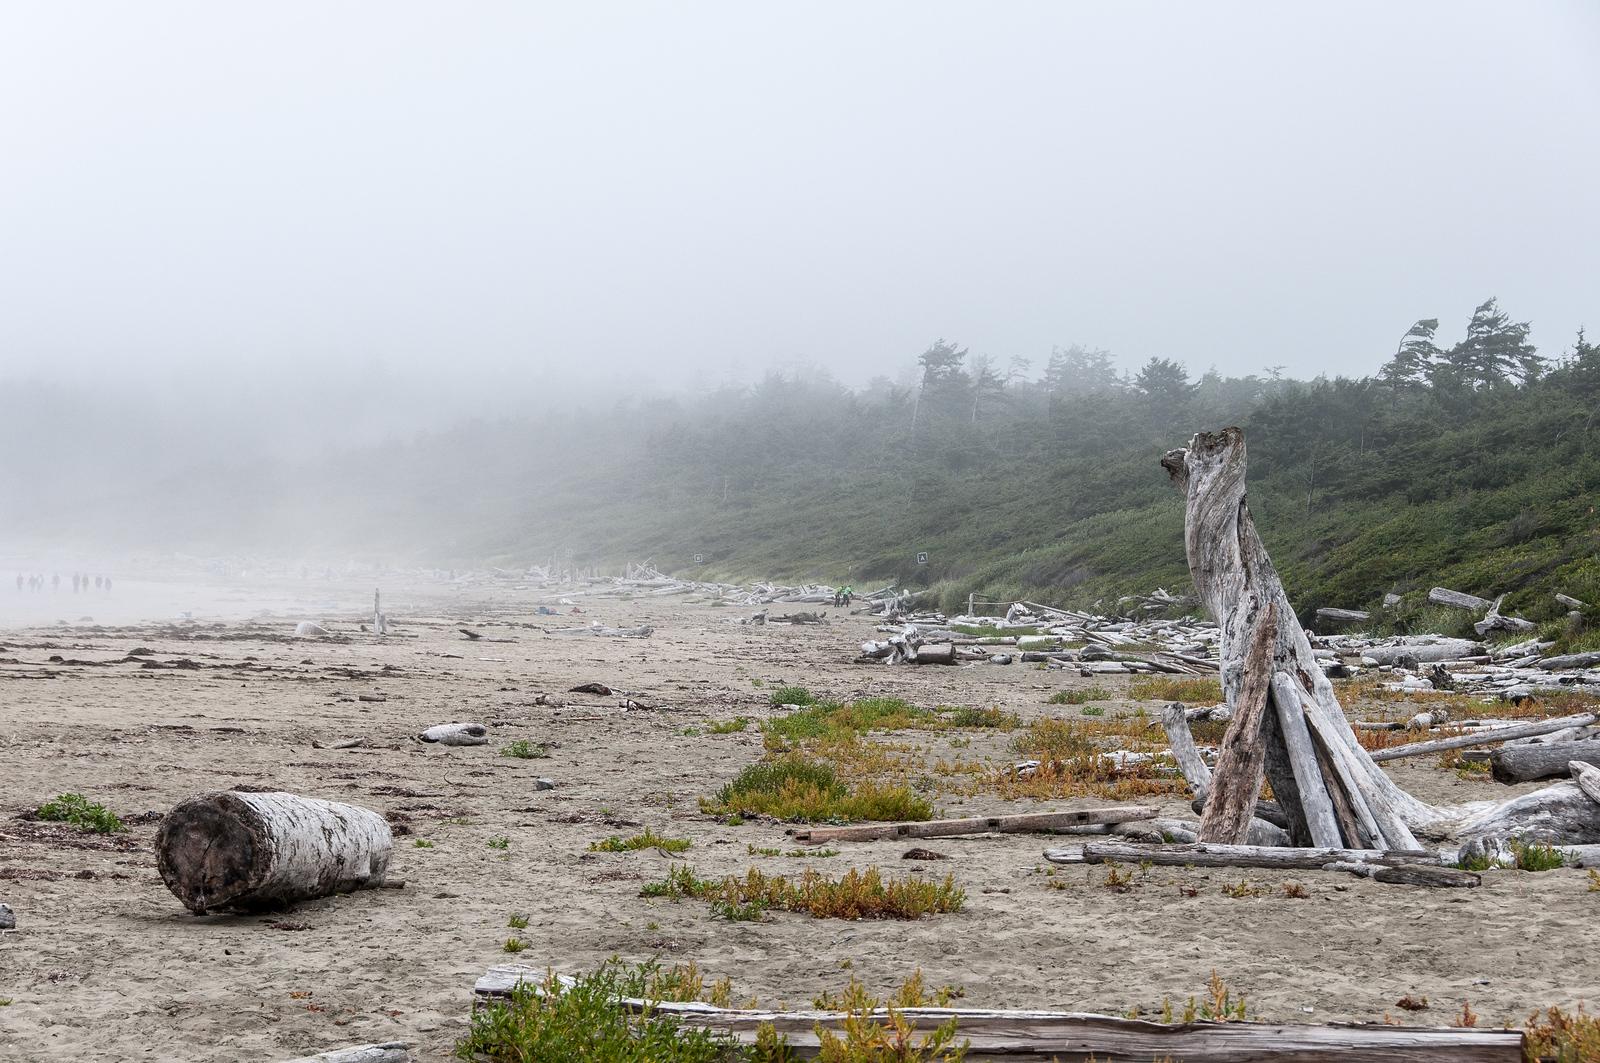 Pacific Rim National Park in British Columbia, Canada